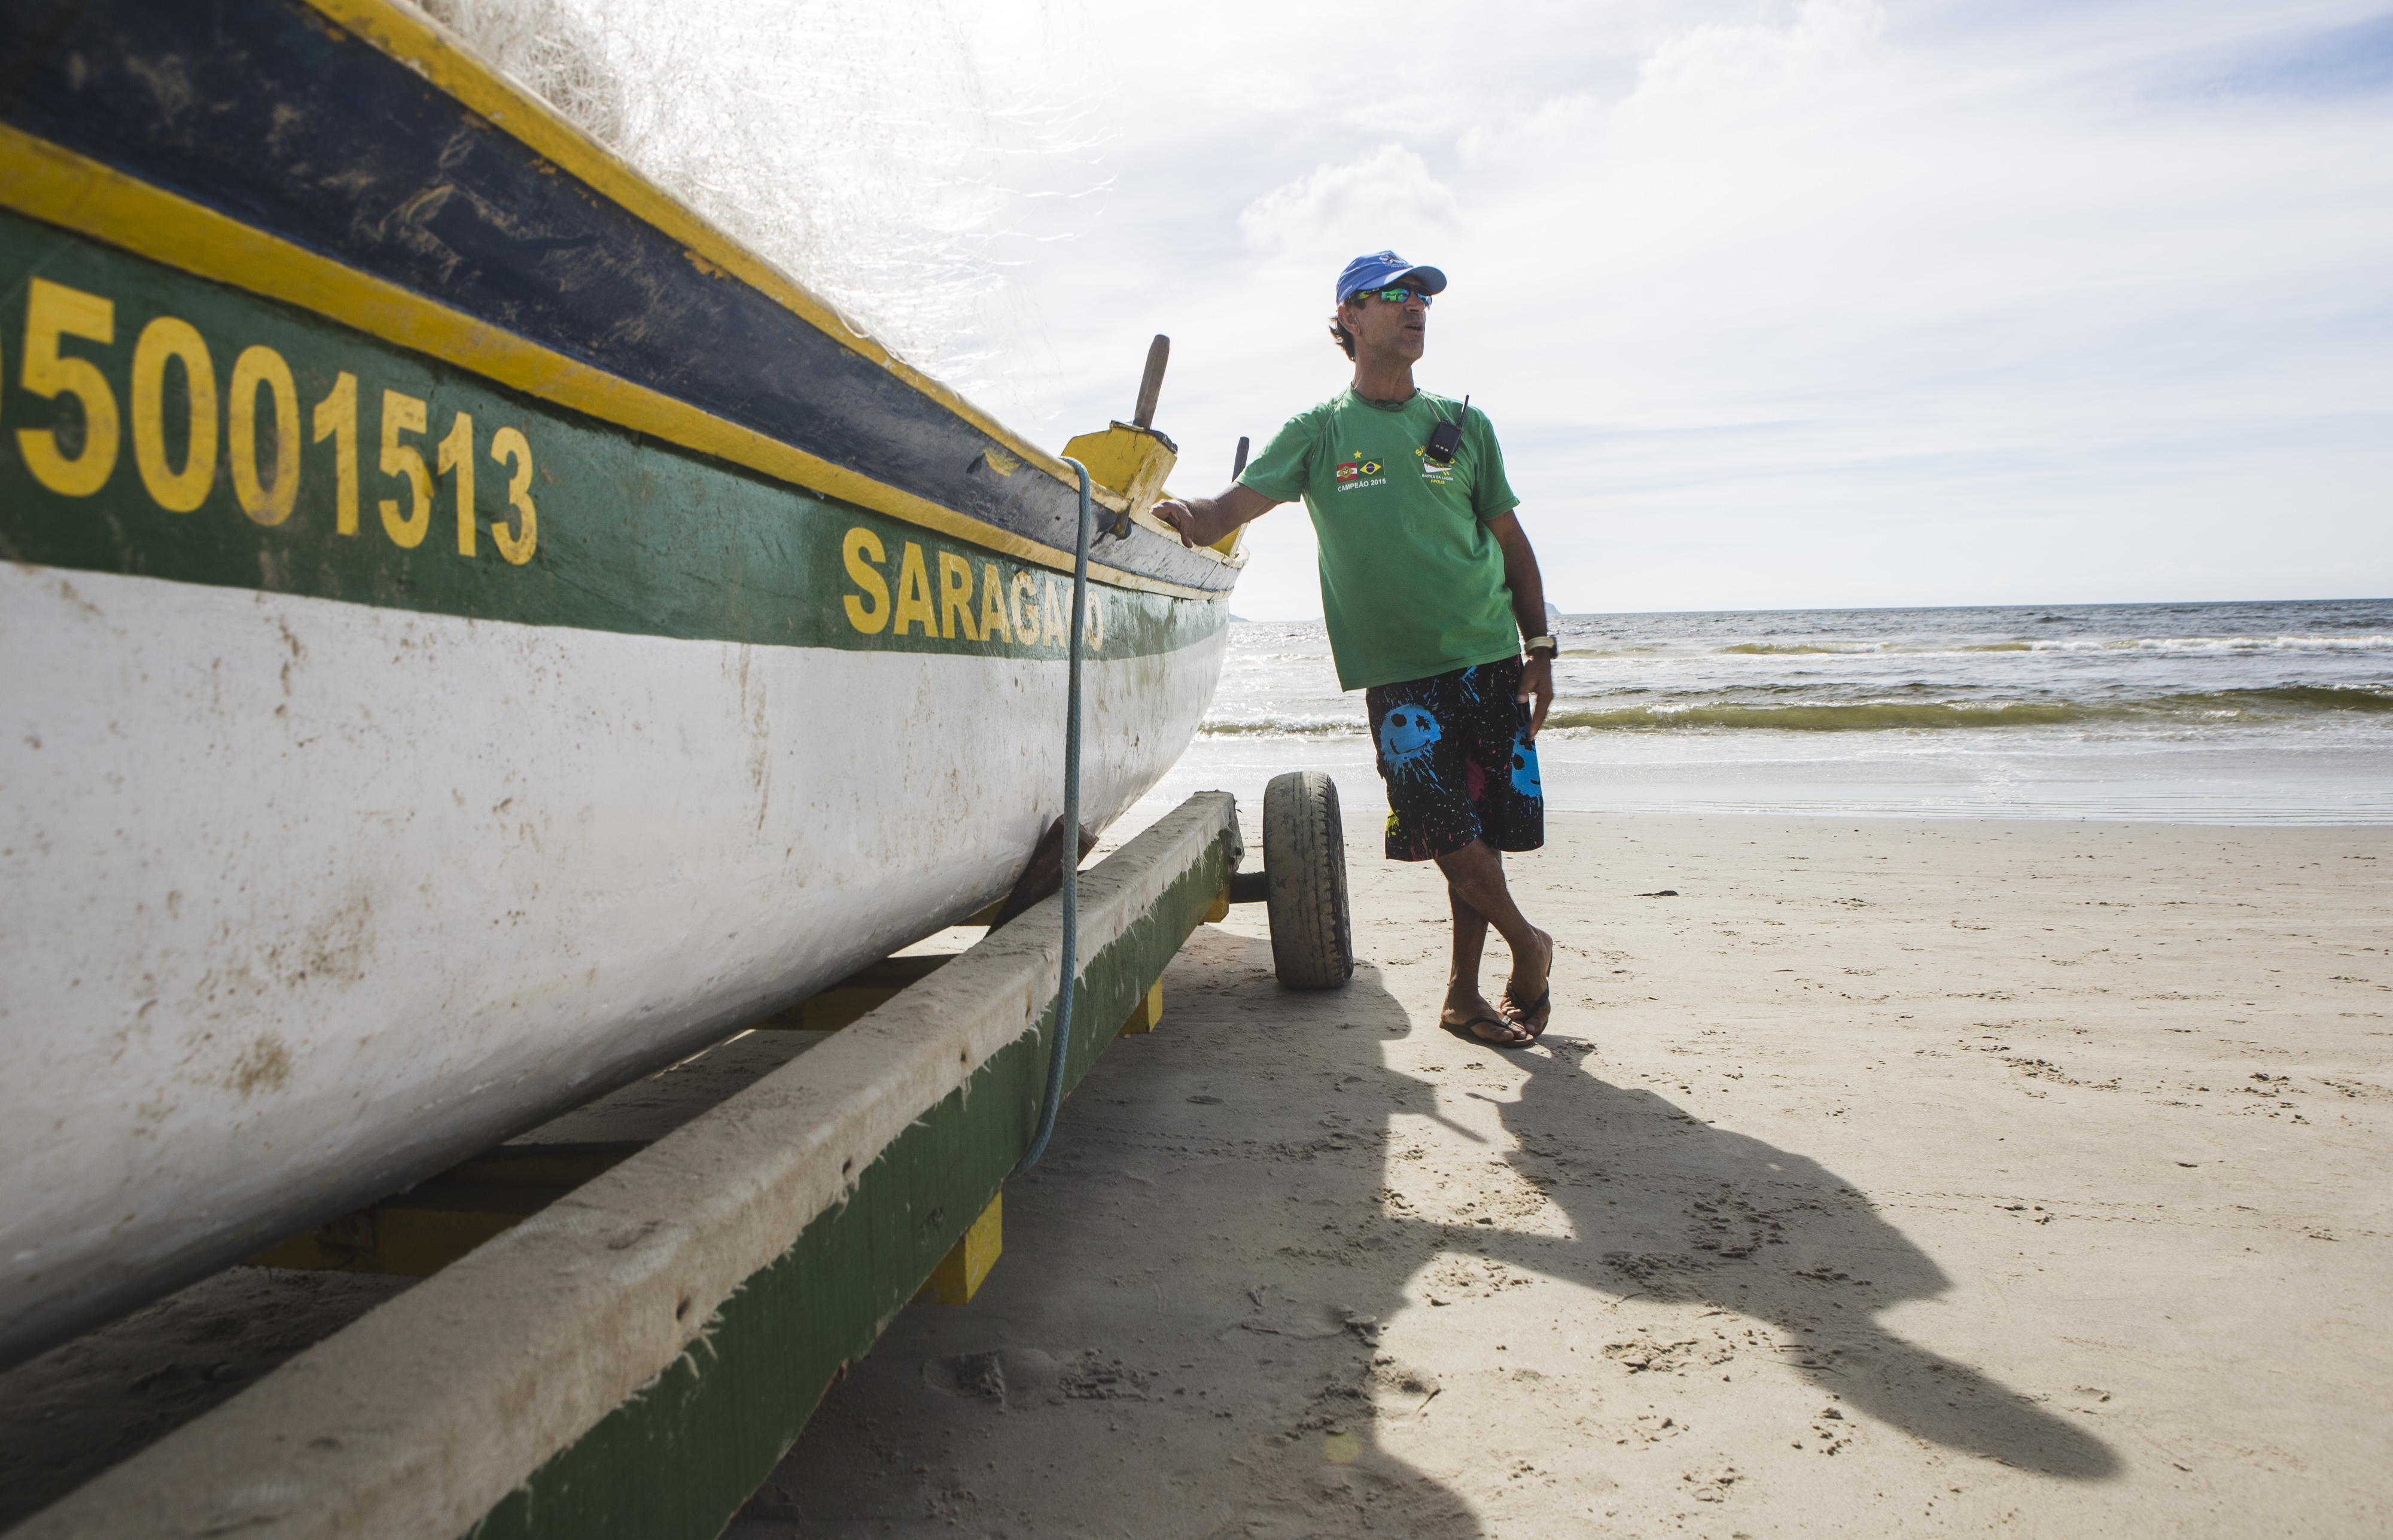 Na praia da Barra da Lagoa, o pescador Laurentino Benedito Neves orienta quem vai à praia para surfar - Daniel Queiroz/ND